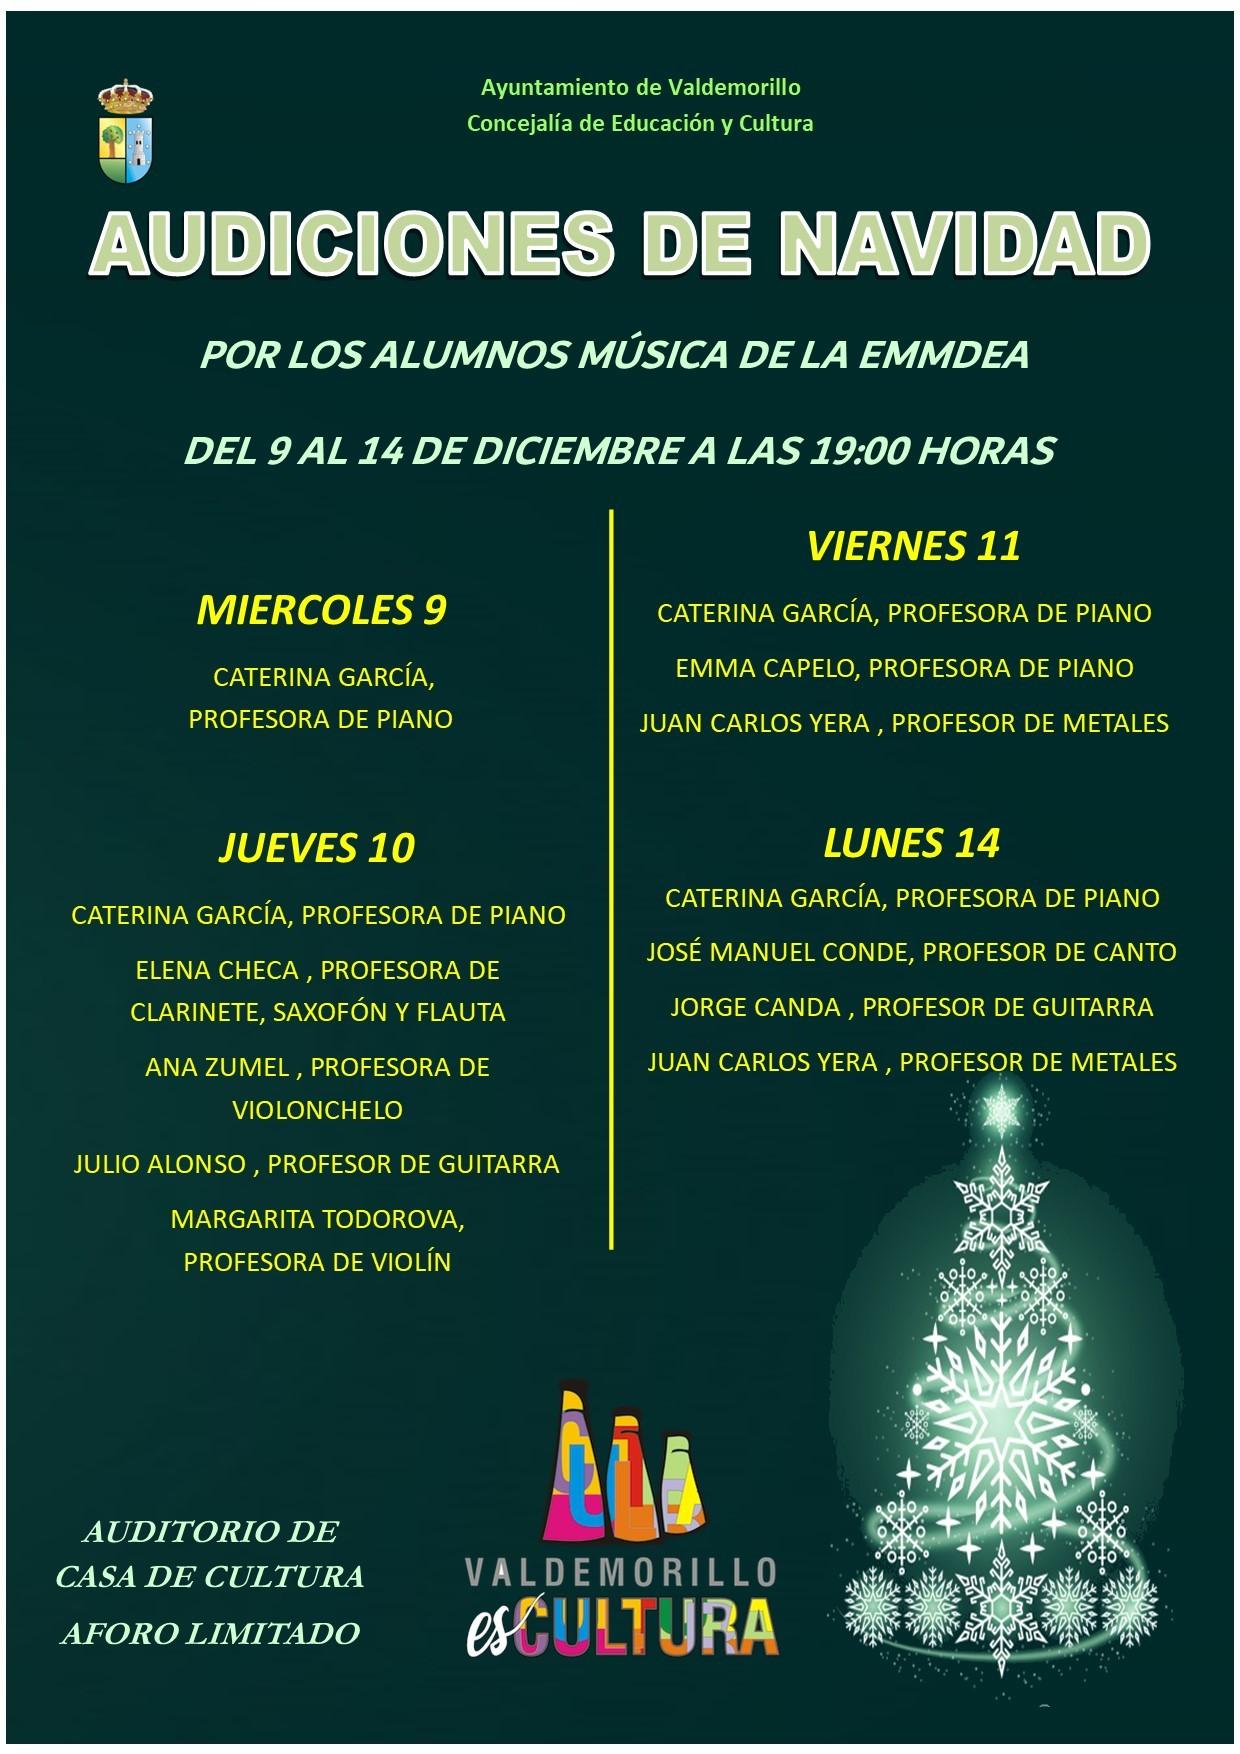 Minifestivales de música y danza y el concierto 'A villa voz' interpretado por el coro de la Comunidad de Madrid, protagonistas de la programación de Navidad